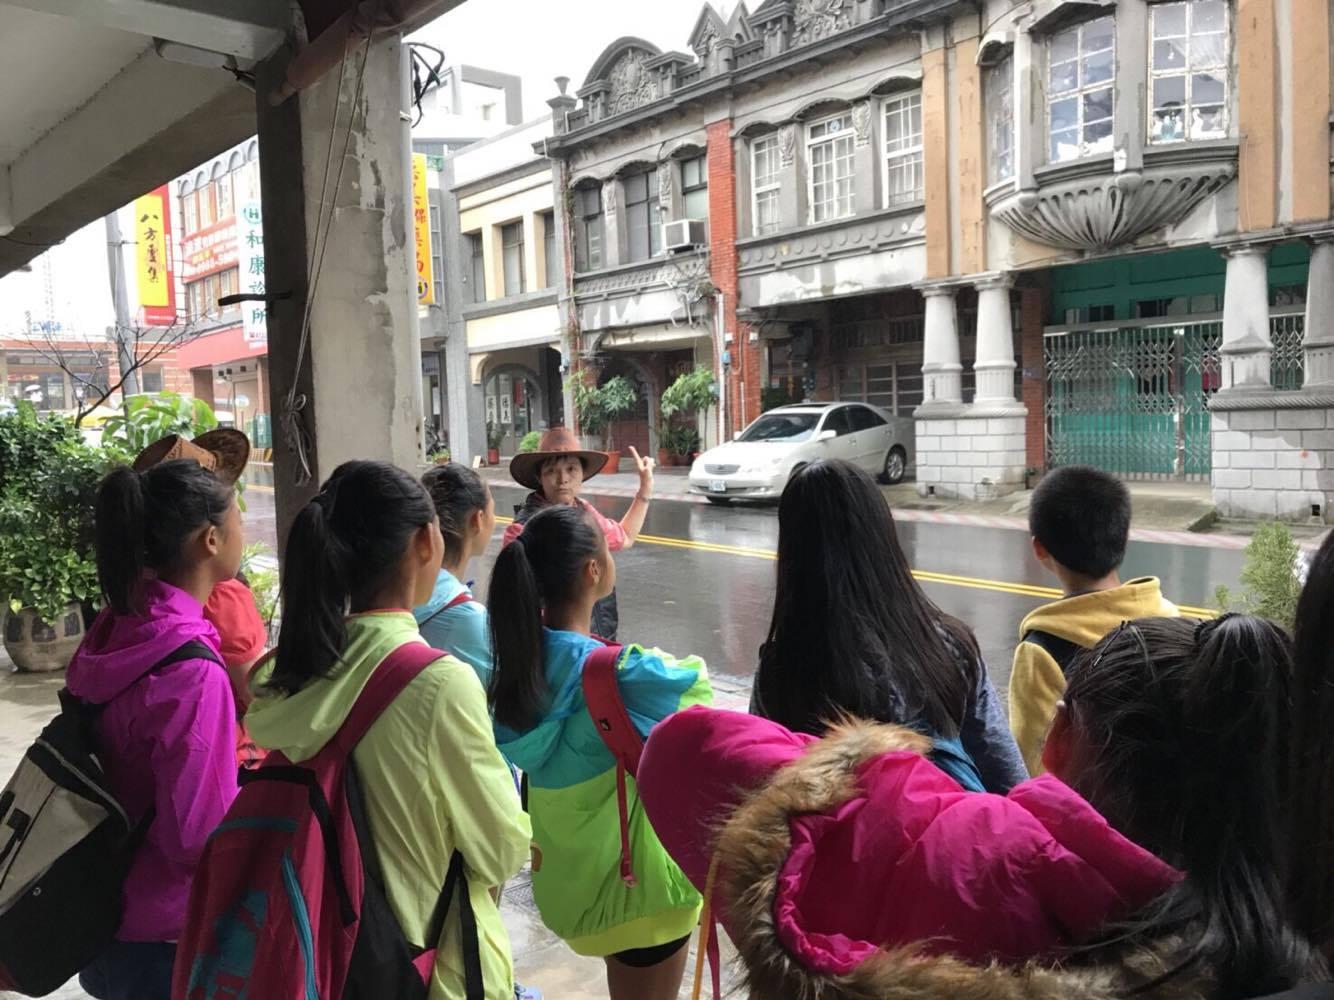 通稿照片2-薪傳師講述老街文化歷史,讓學生學習更多有趣的生活客語。.jpg